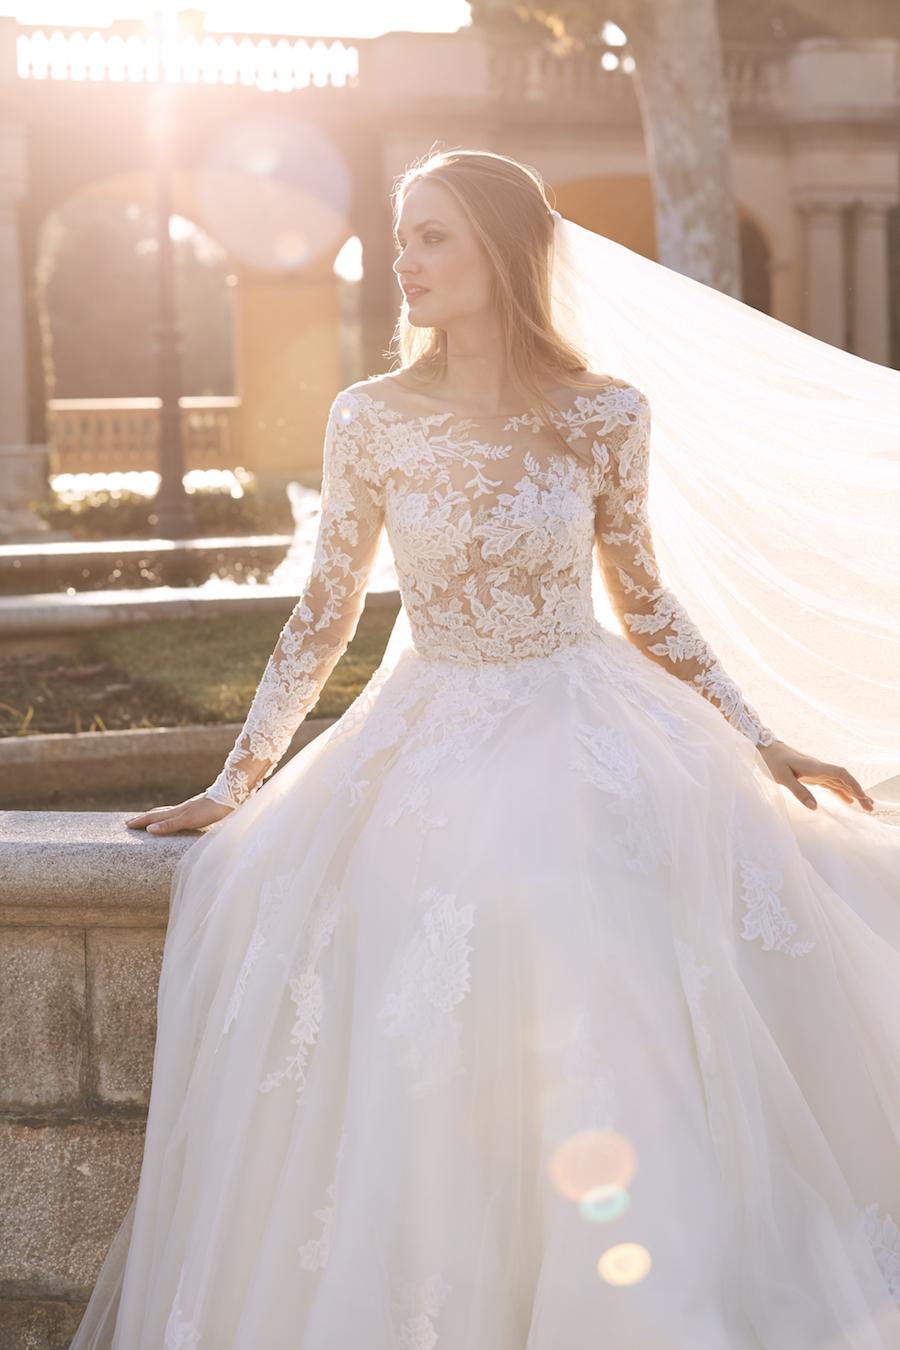 d443f699e7af Il vostro modello preferito  Potete scoprire tutti gli abiti da sposa della  collezione La Sposa 2018 visitando il sito web di St Patrick.